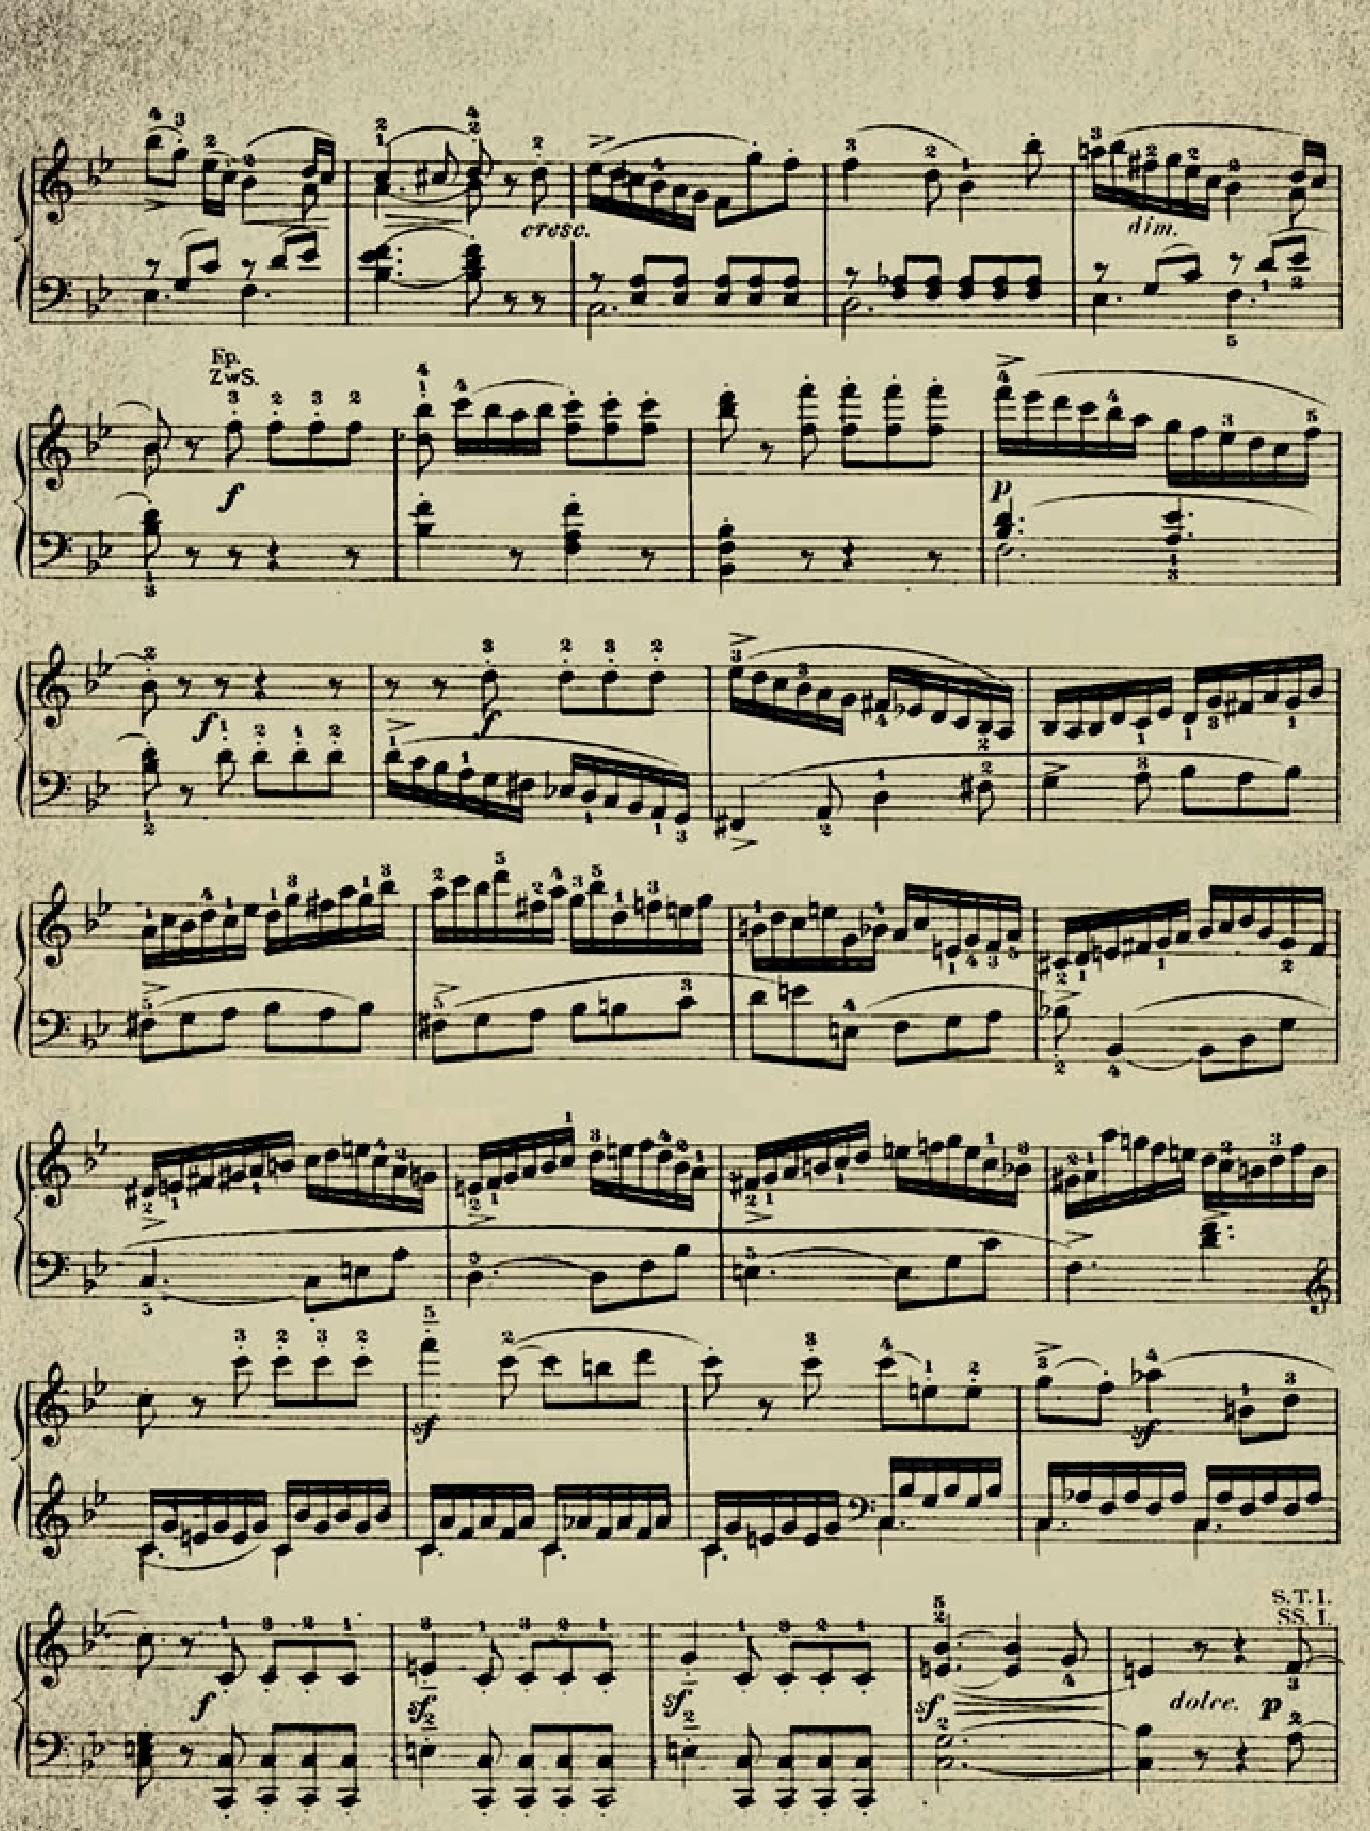 Vintage Texture III: Music